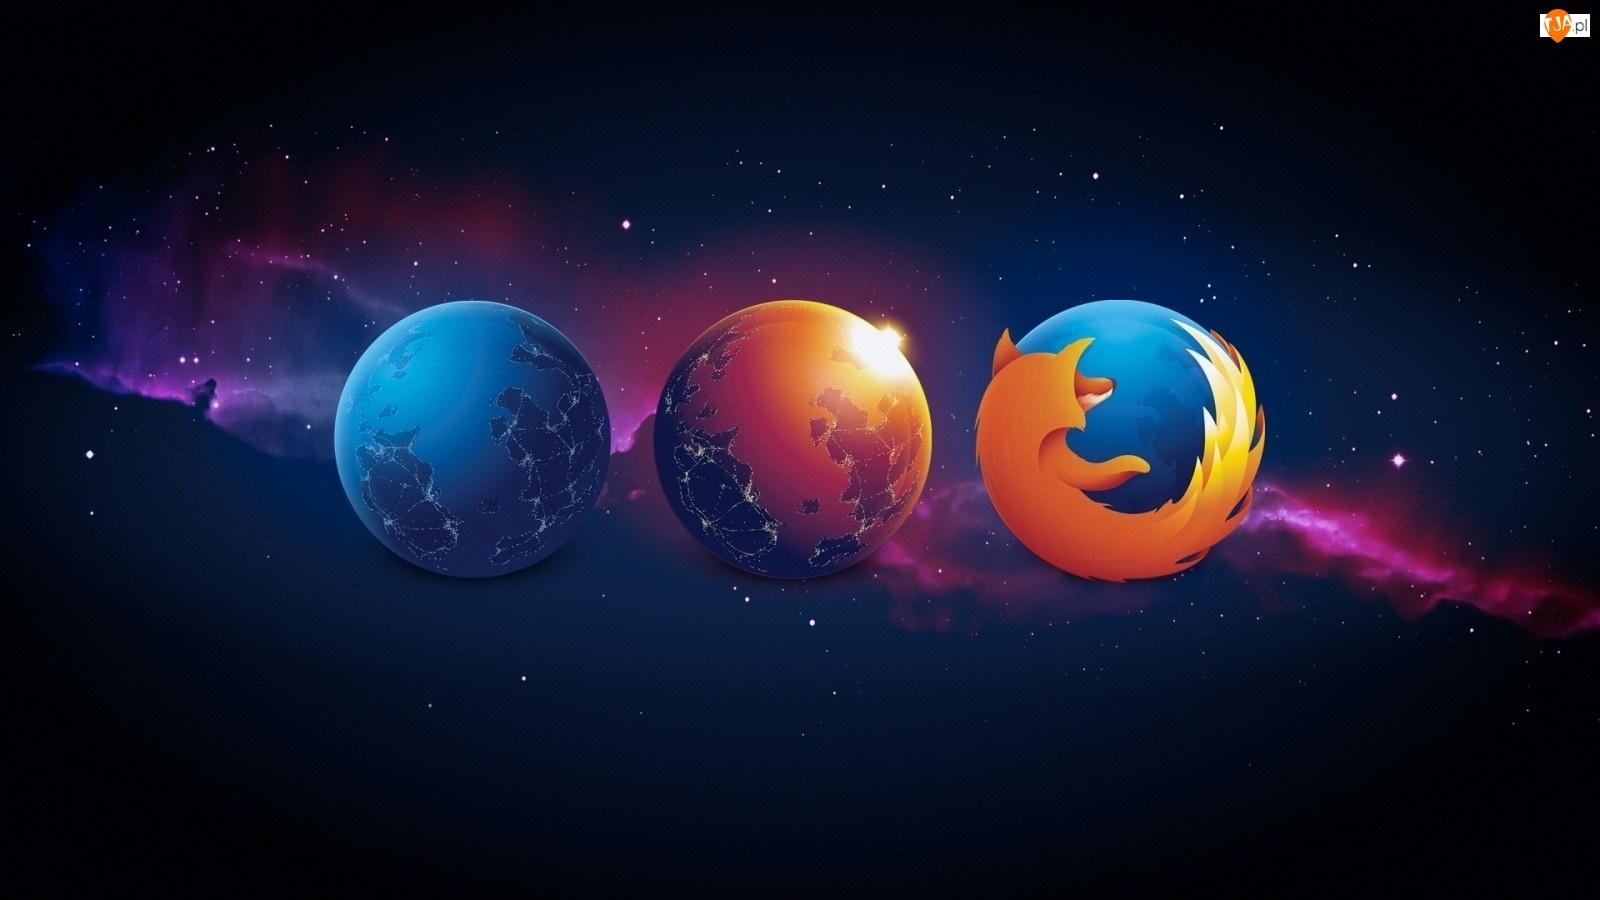 Firefox, Gwiazdy